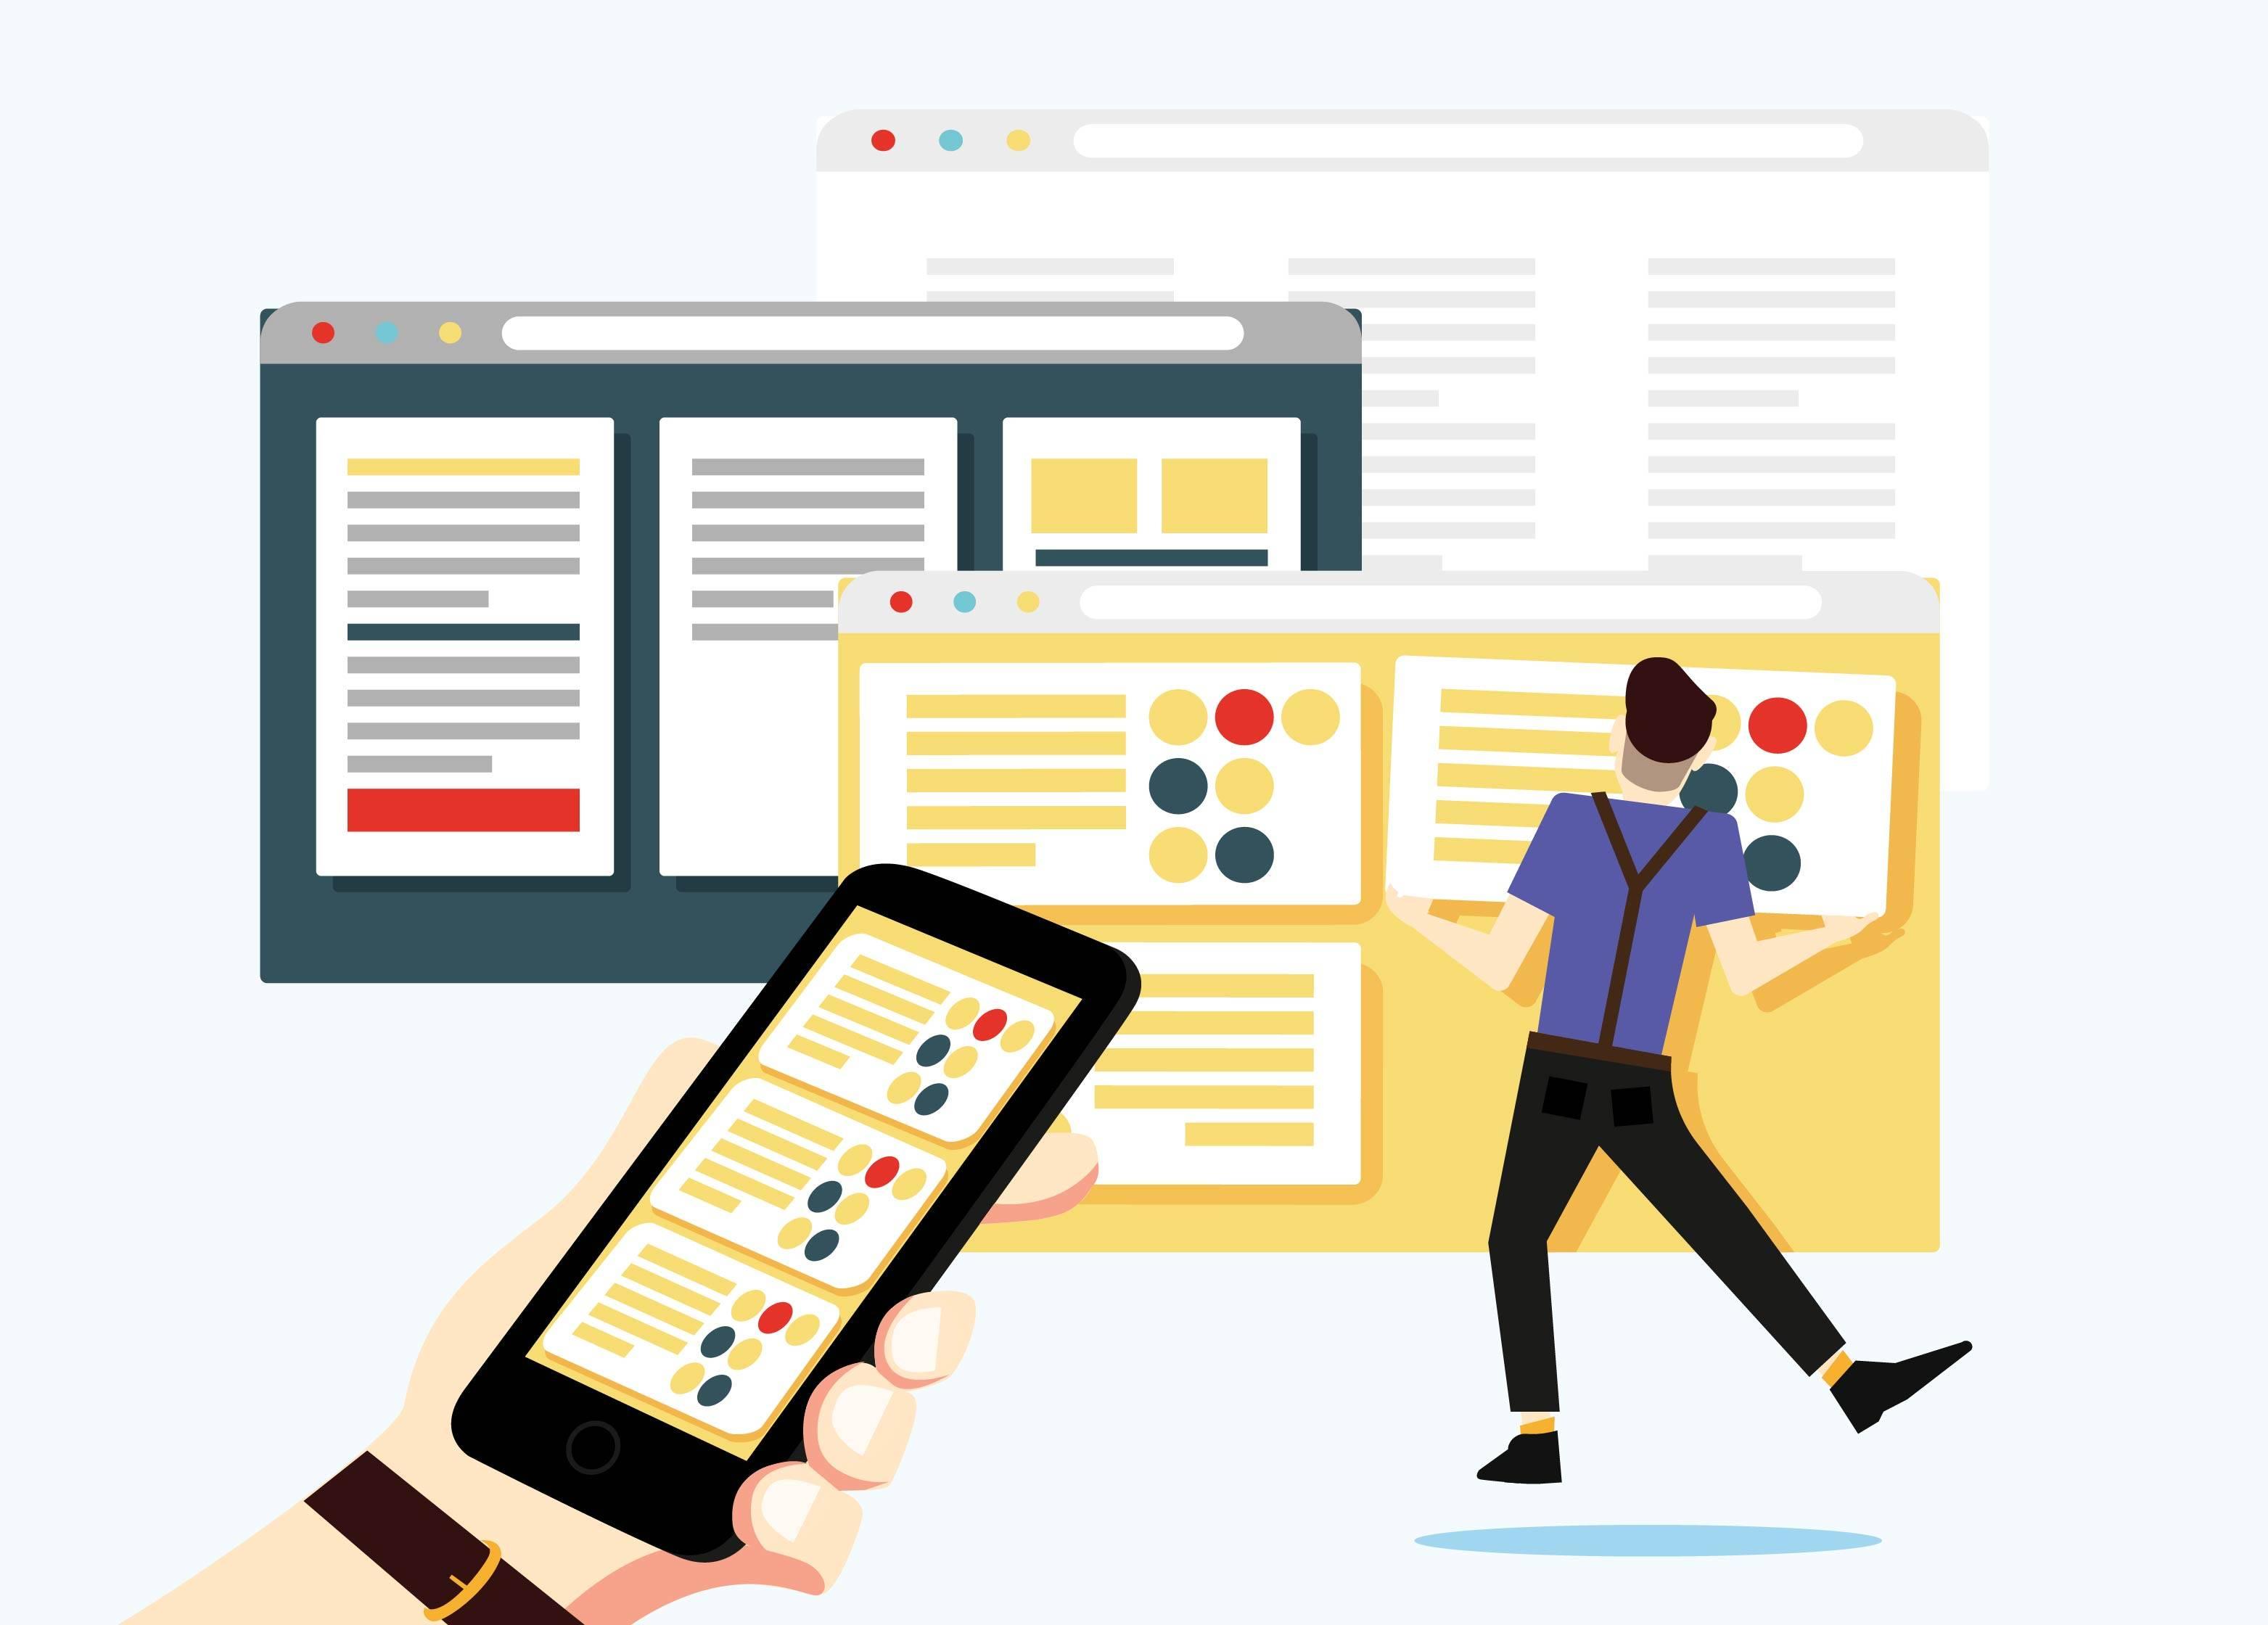 深圳做网站的公司设计网站有哪些侧重点?